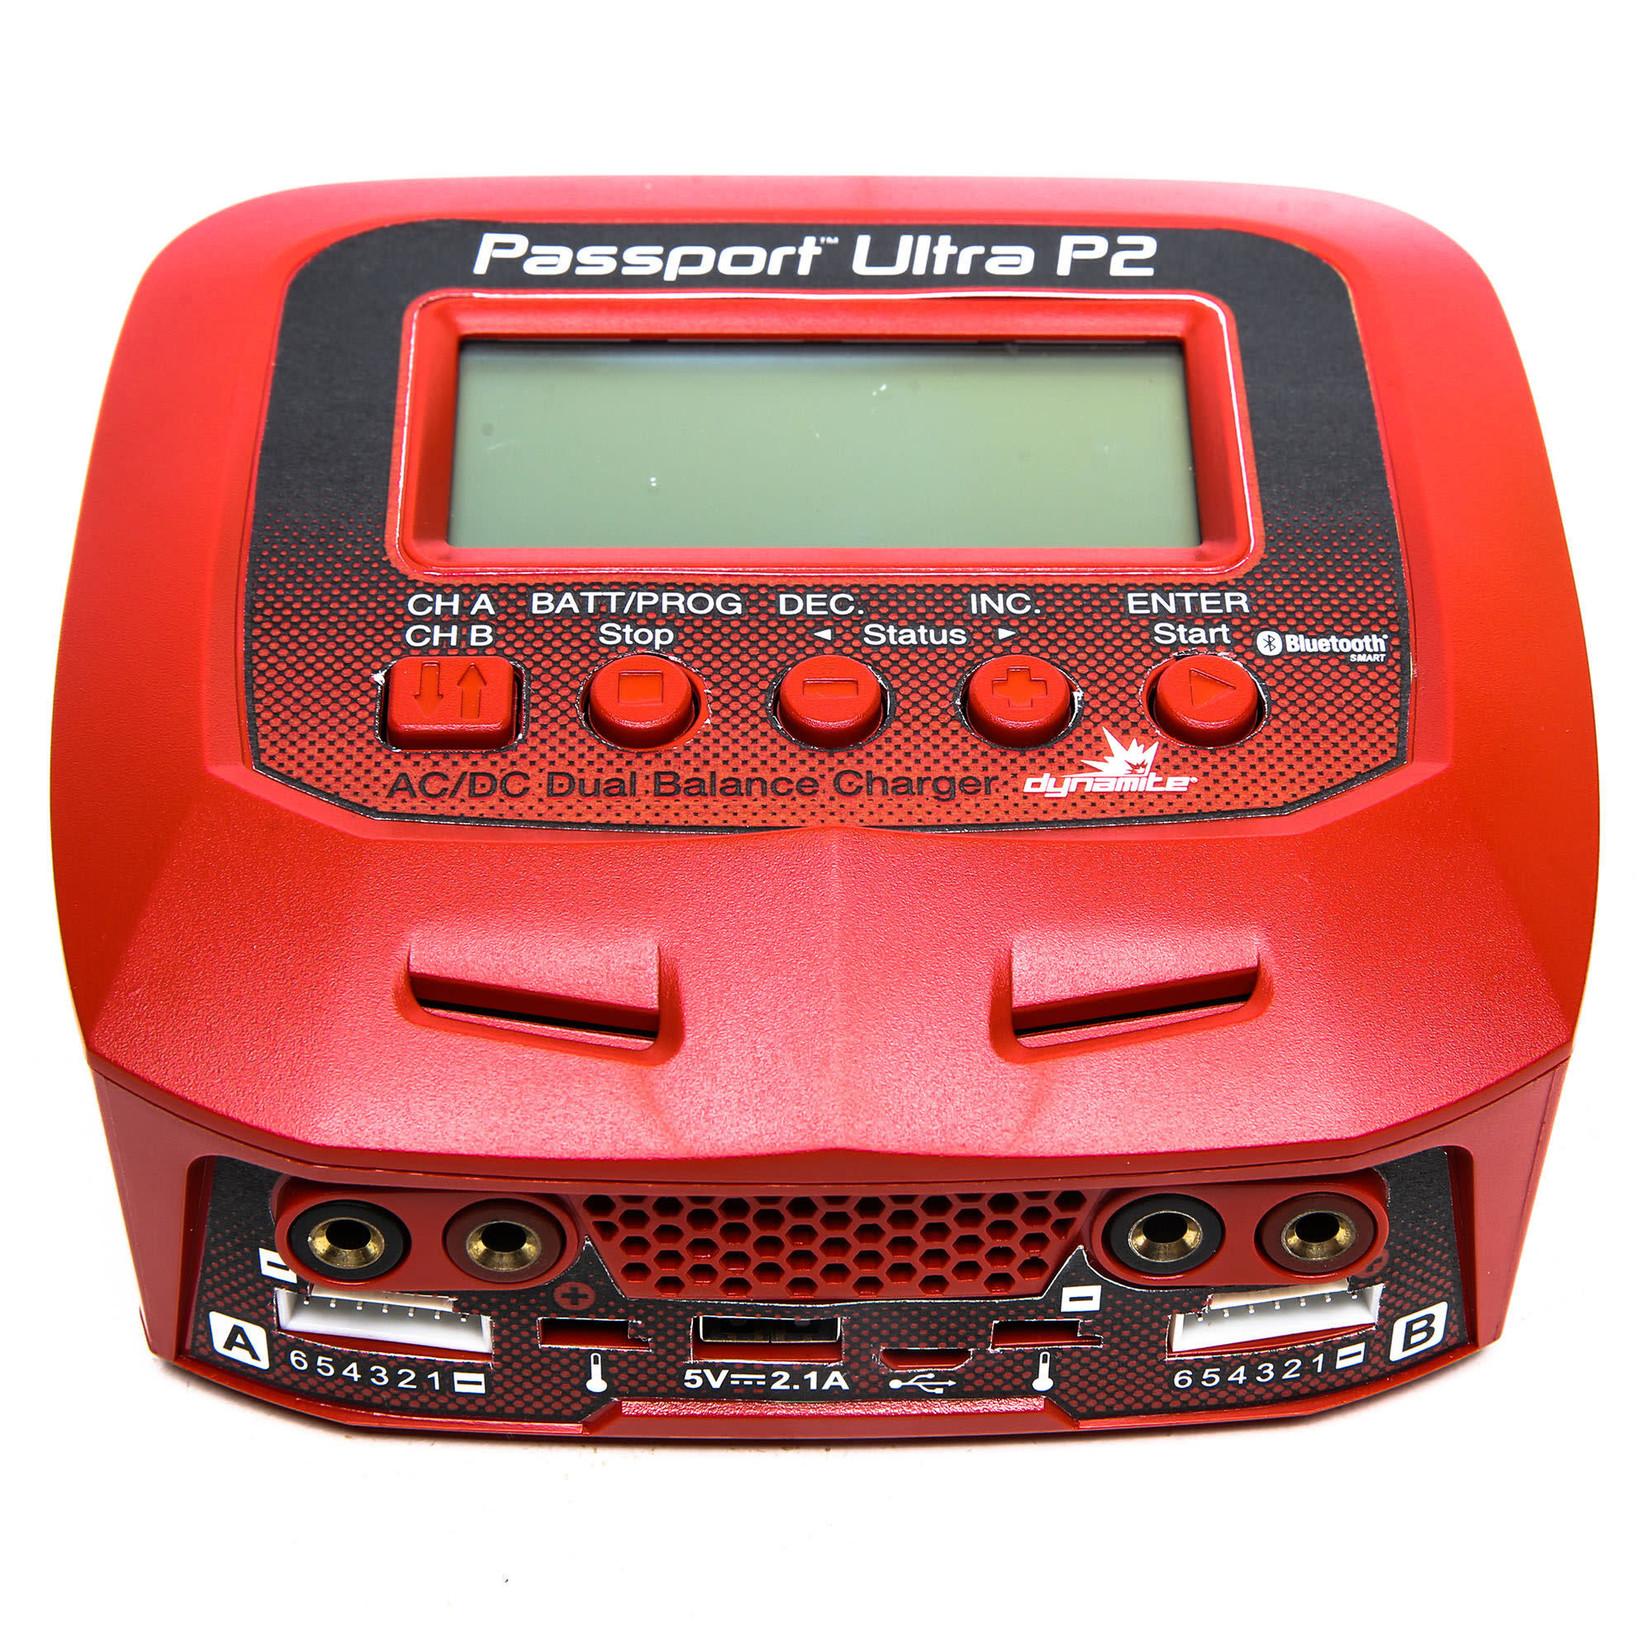 Dynamite DYNC3016 Dynamite Passport P2 AC Plus 2 Port AC/DC Multi-Charger